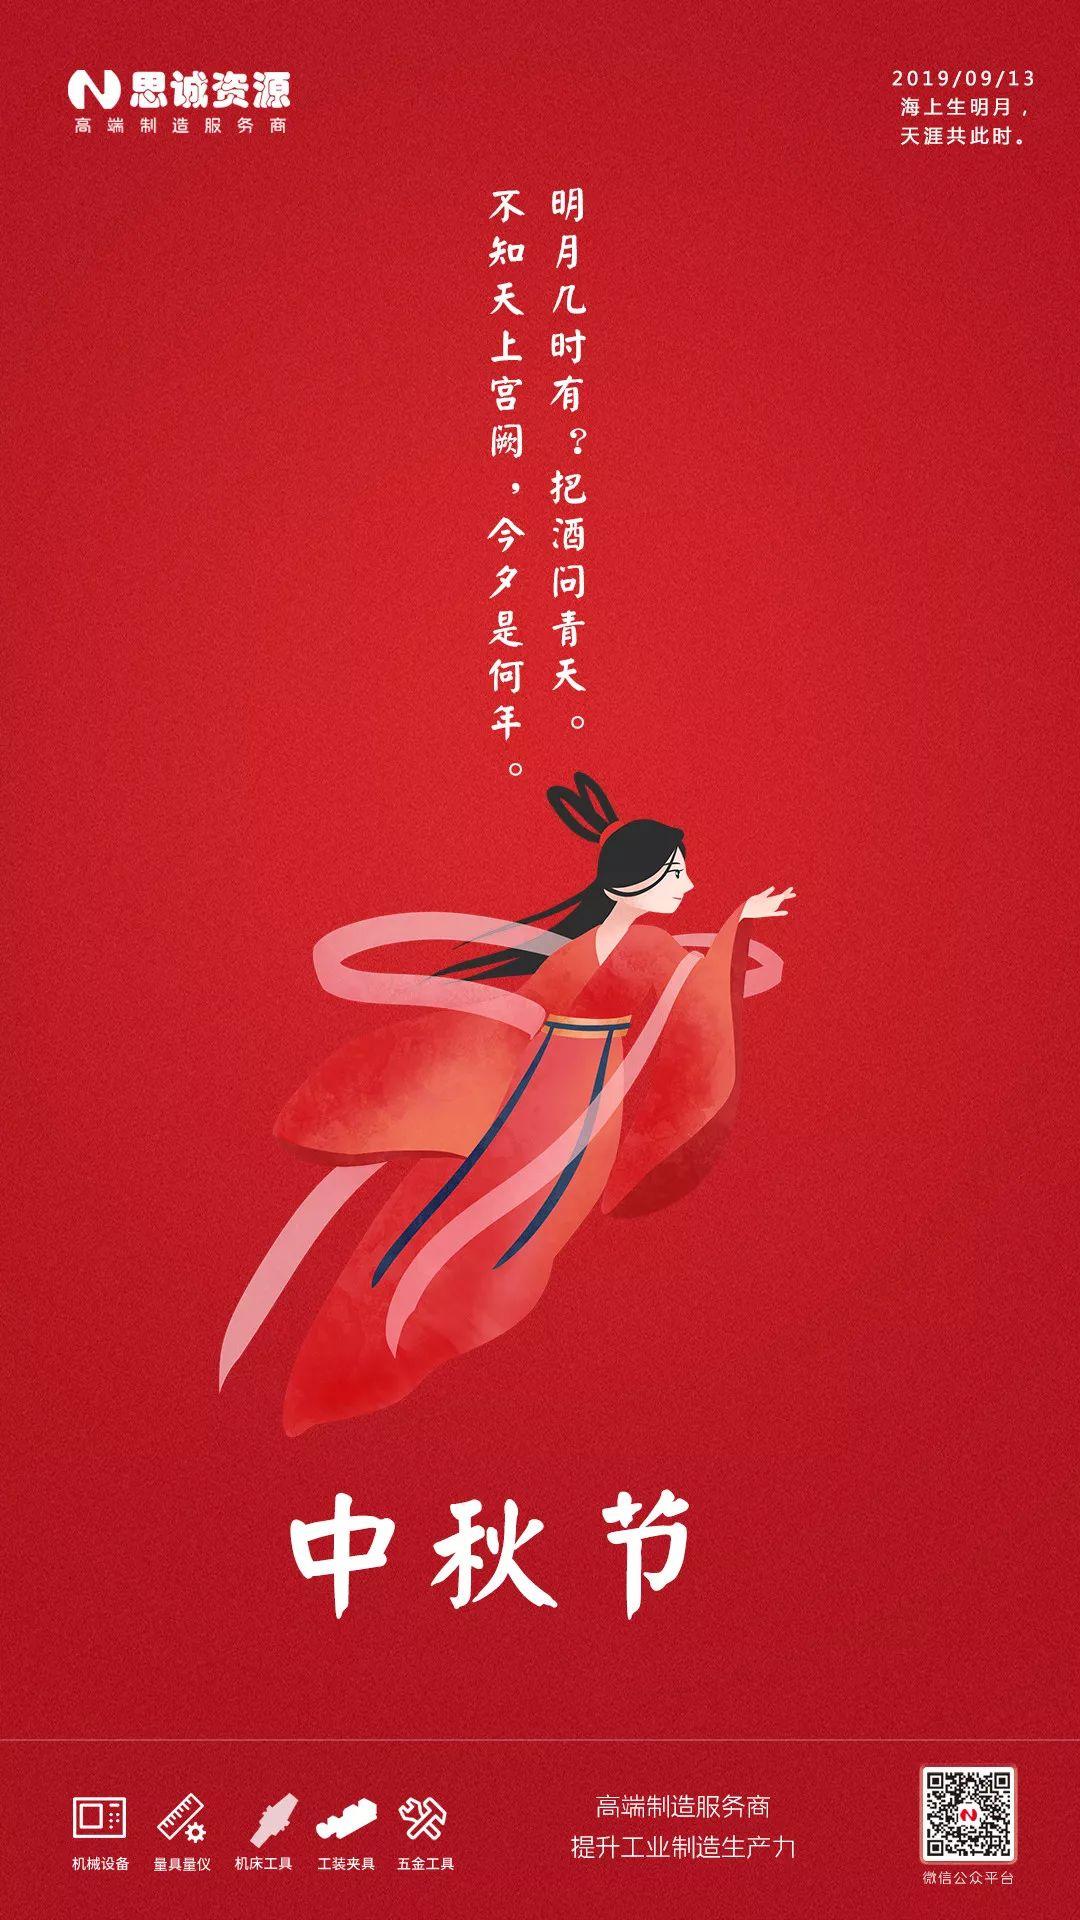 思诚资源2019年中秋节放假通知